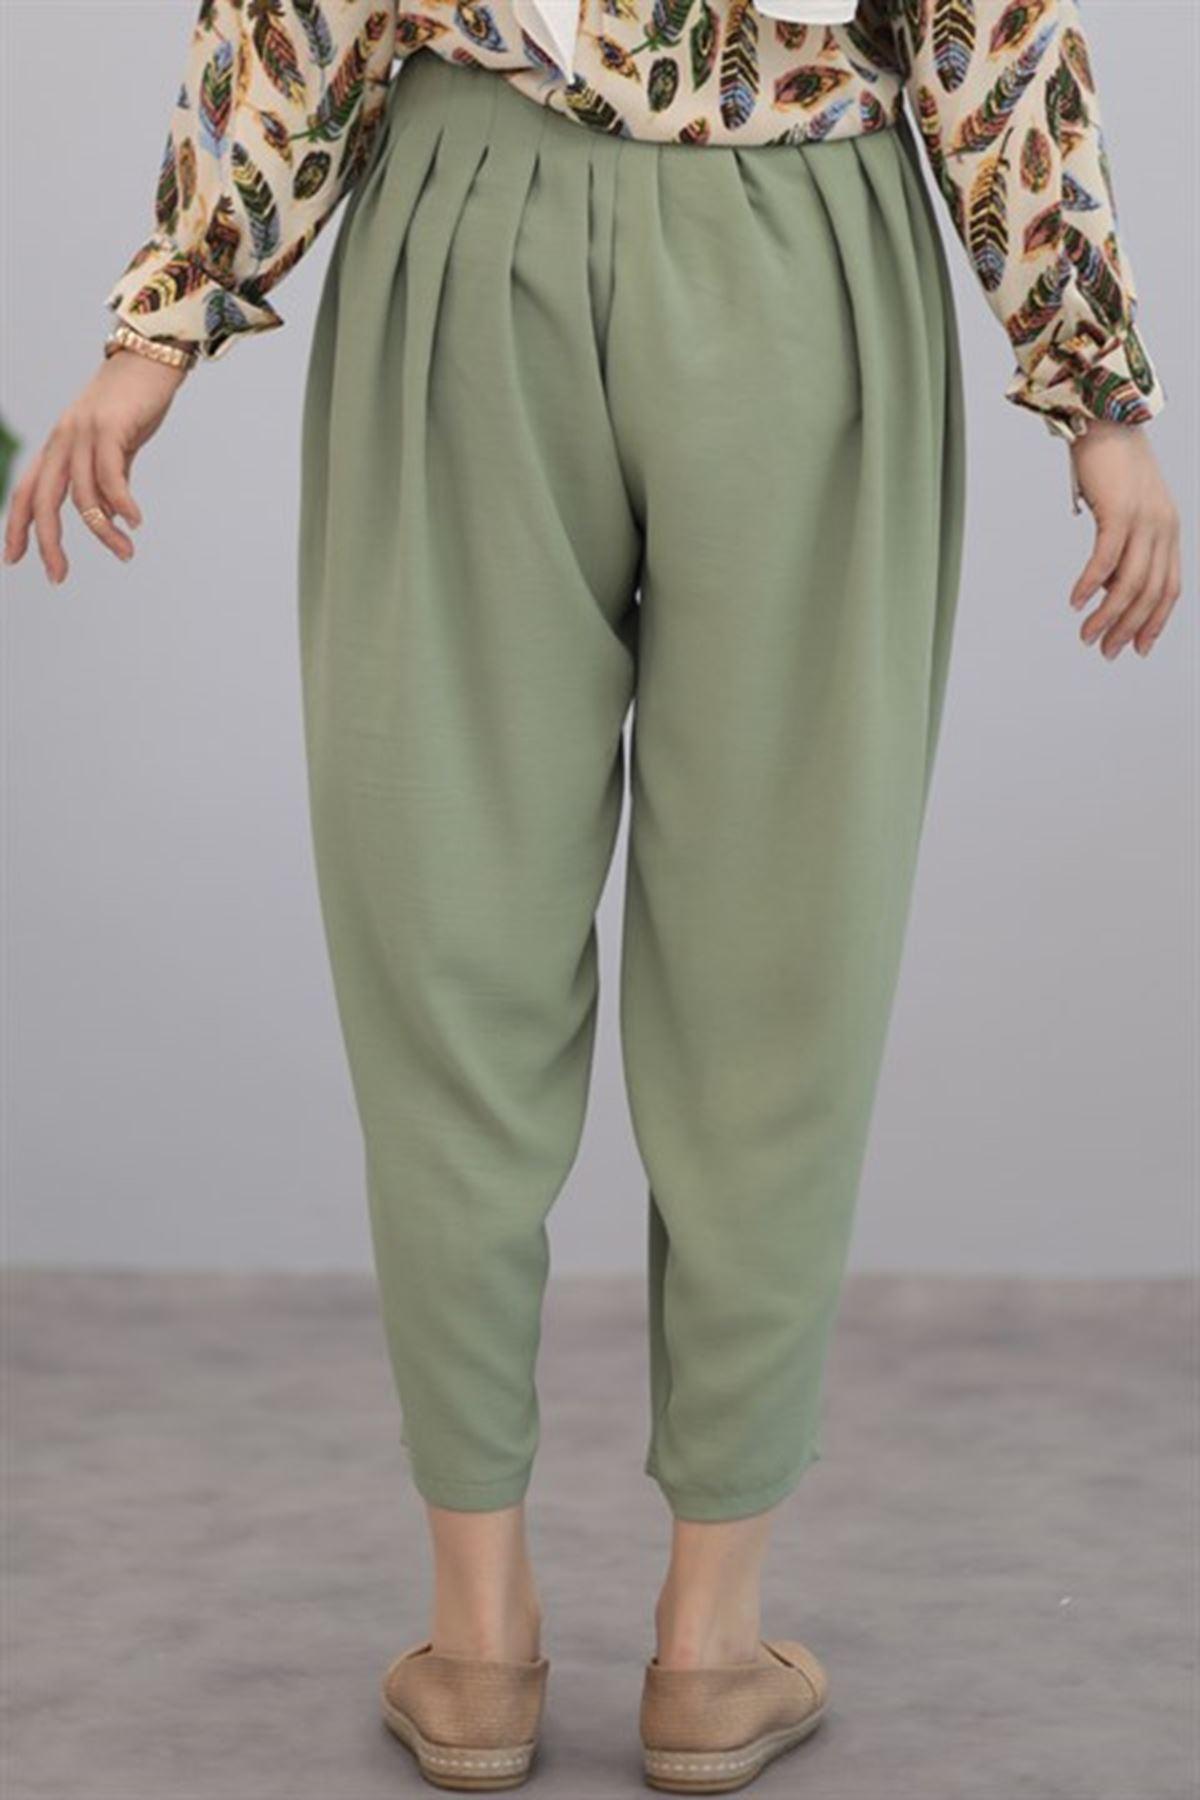 Kadın Pileli Salaş pantolon - Fıstık Yeşili